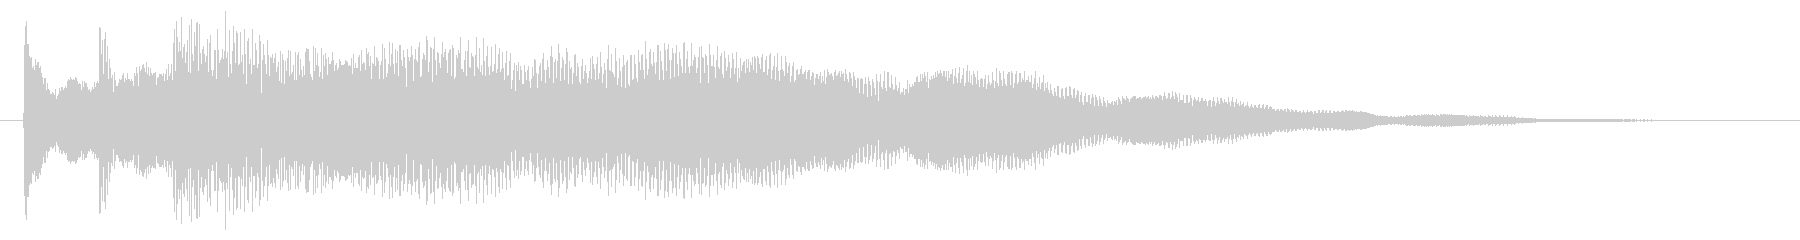 神秘的で透明感のあるアクセント音3の未再生の波形